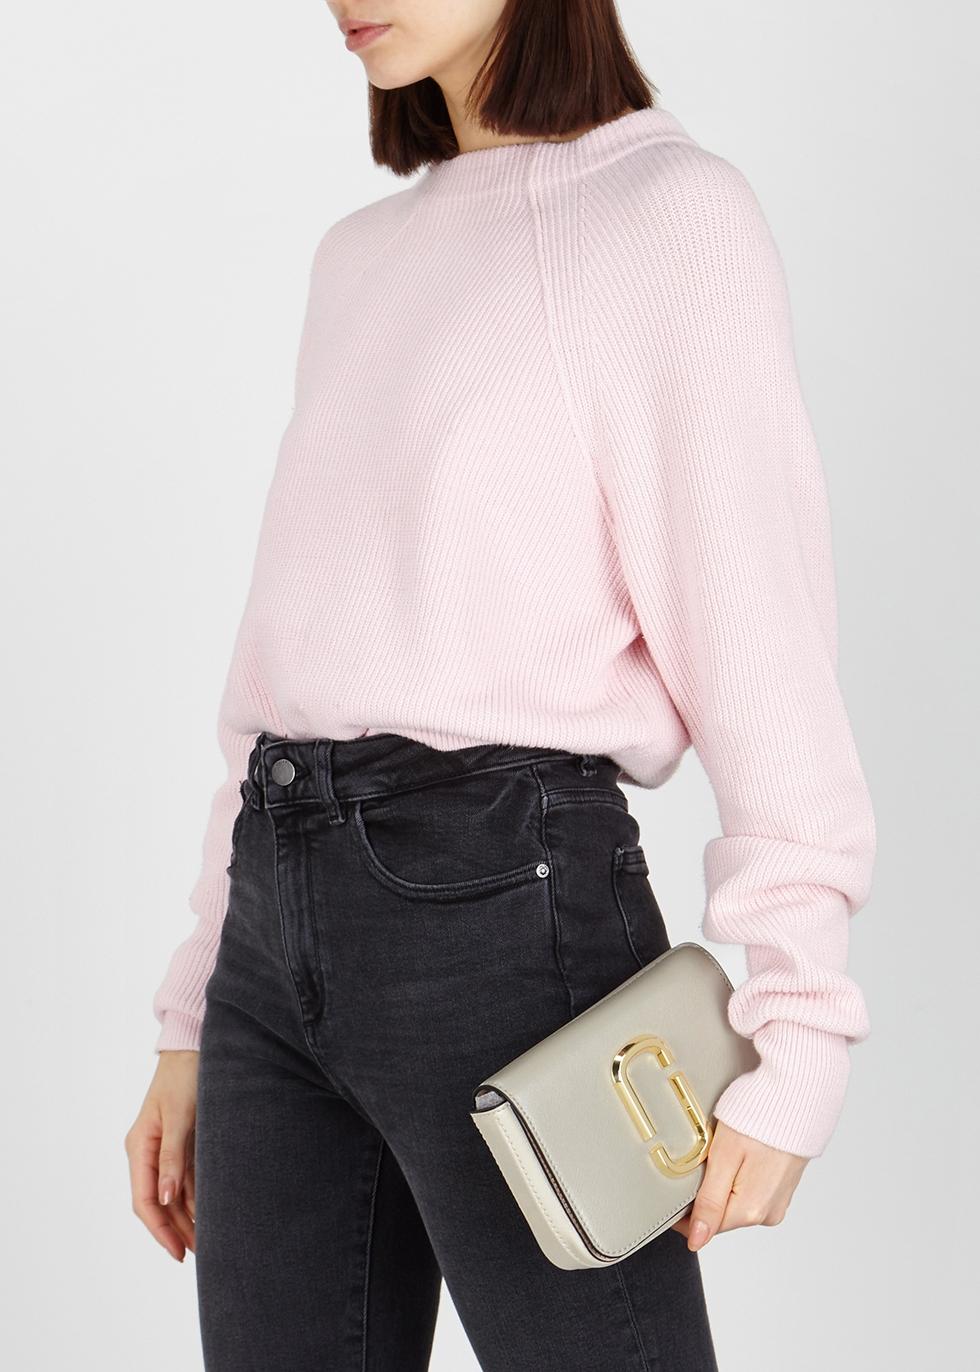 Hip Shot leather belt bag - Marc Jacobs